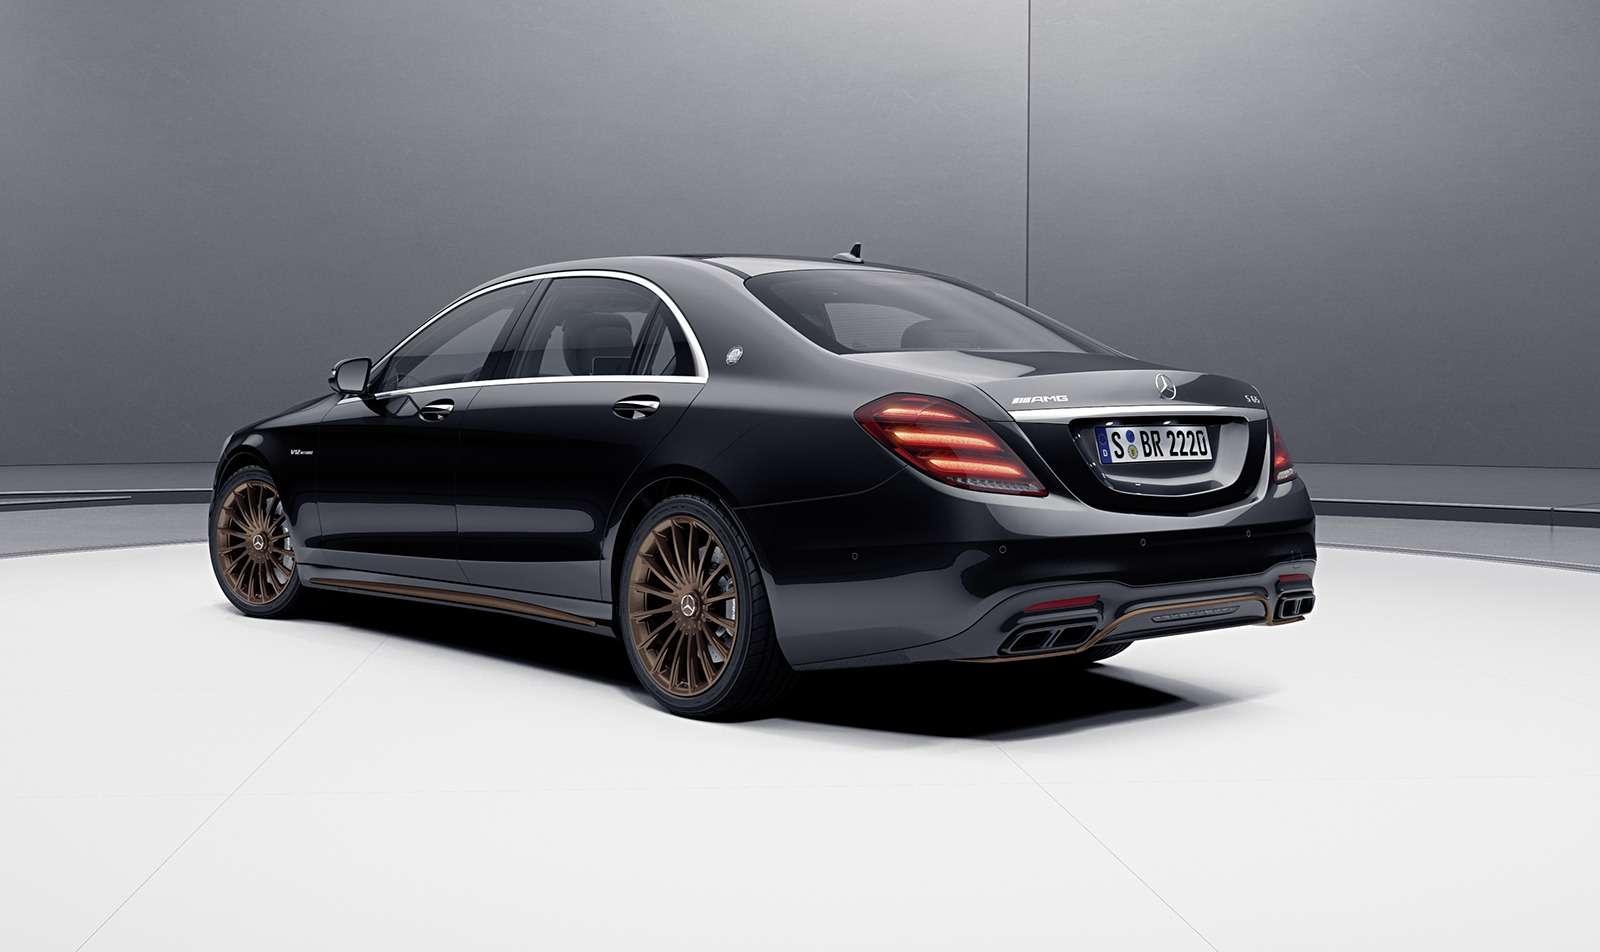 Mercedes-AMG простился сдвигателем V12 спецсерией S-класса— фото 954094